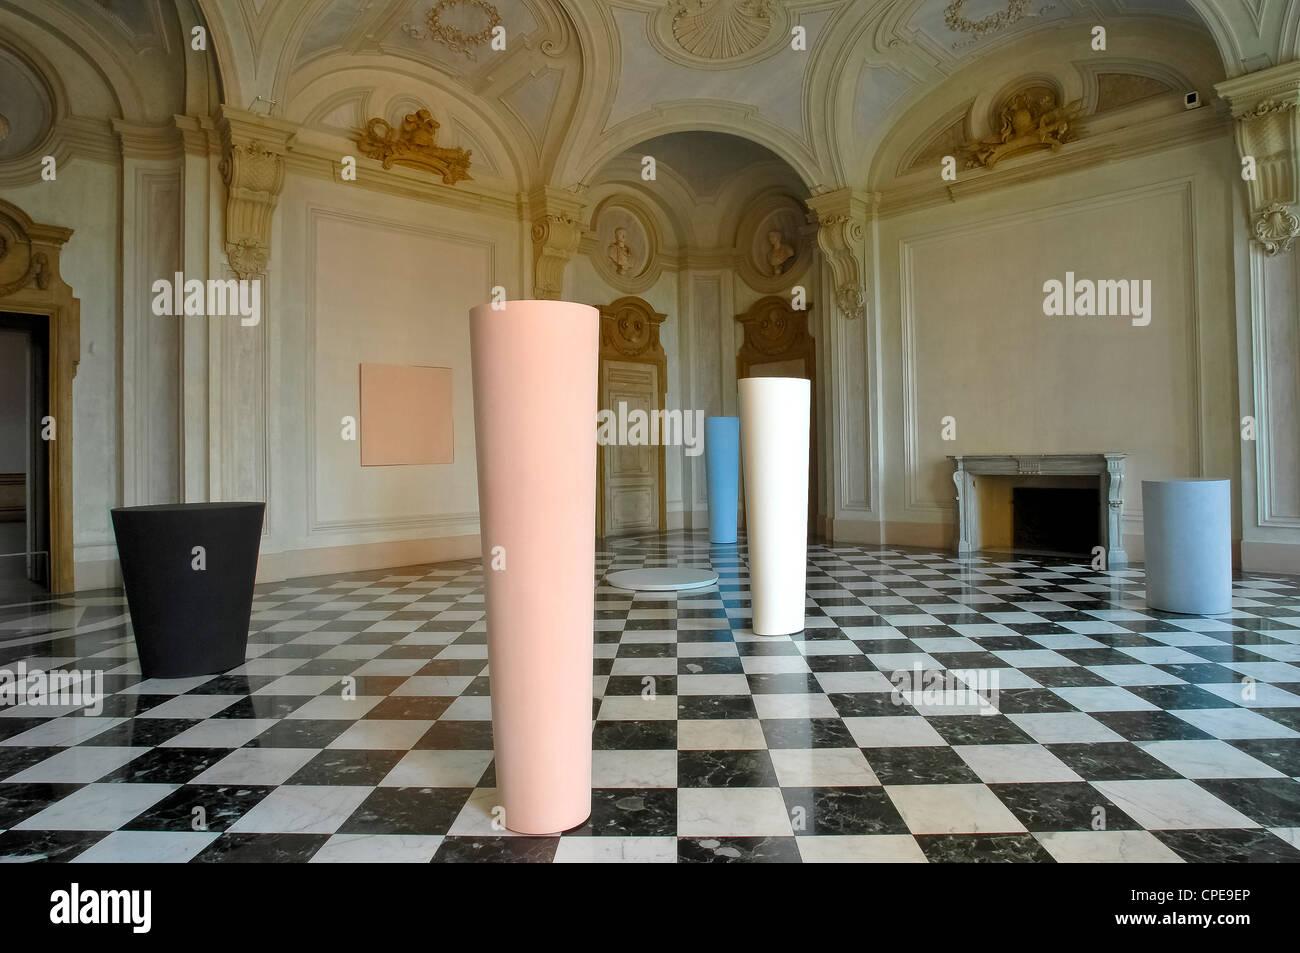 Europa Italia Piemonte Castello di Rivoli Museo d Arte Contemporanea autore Ettore Spalletti 'Anfore Bacile Immagini Stock